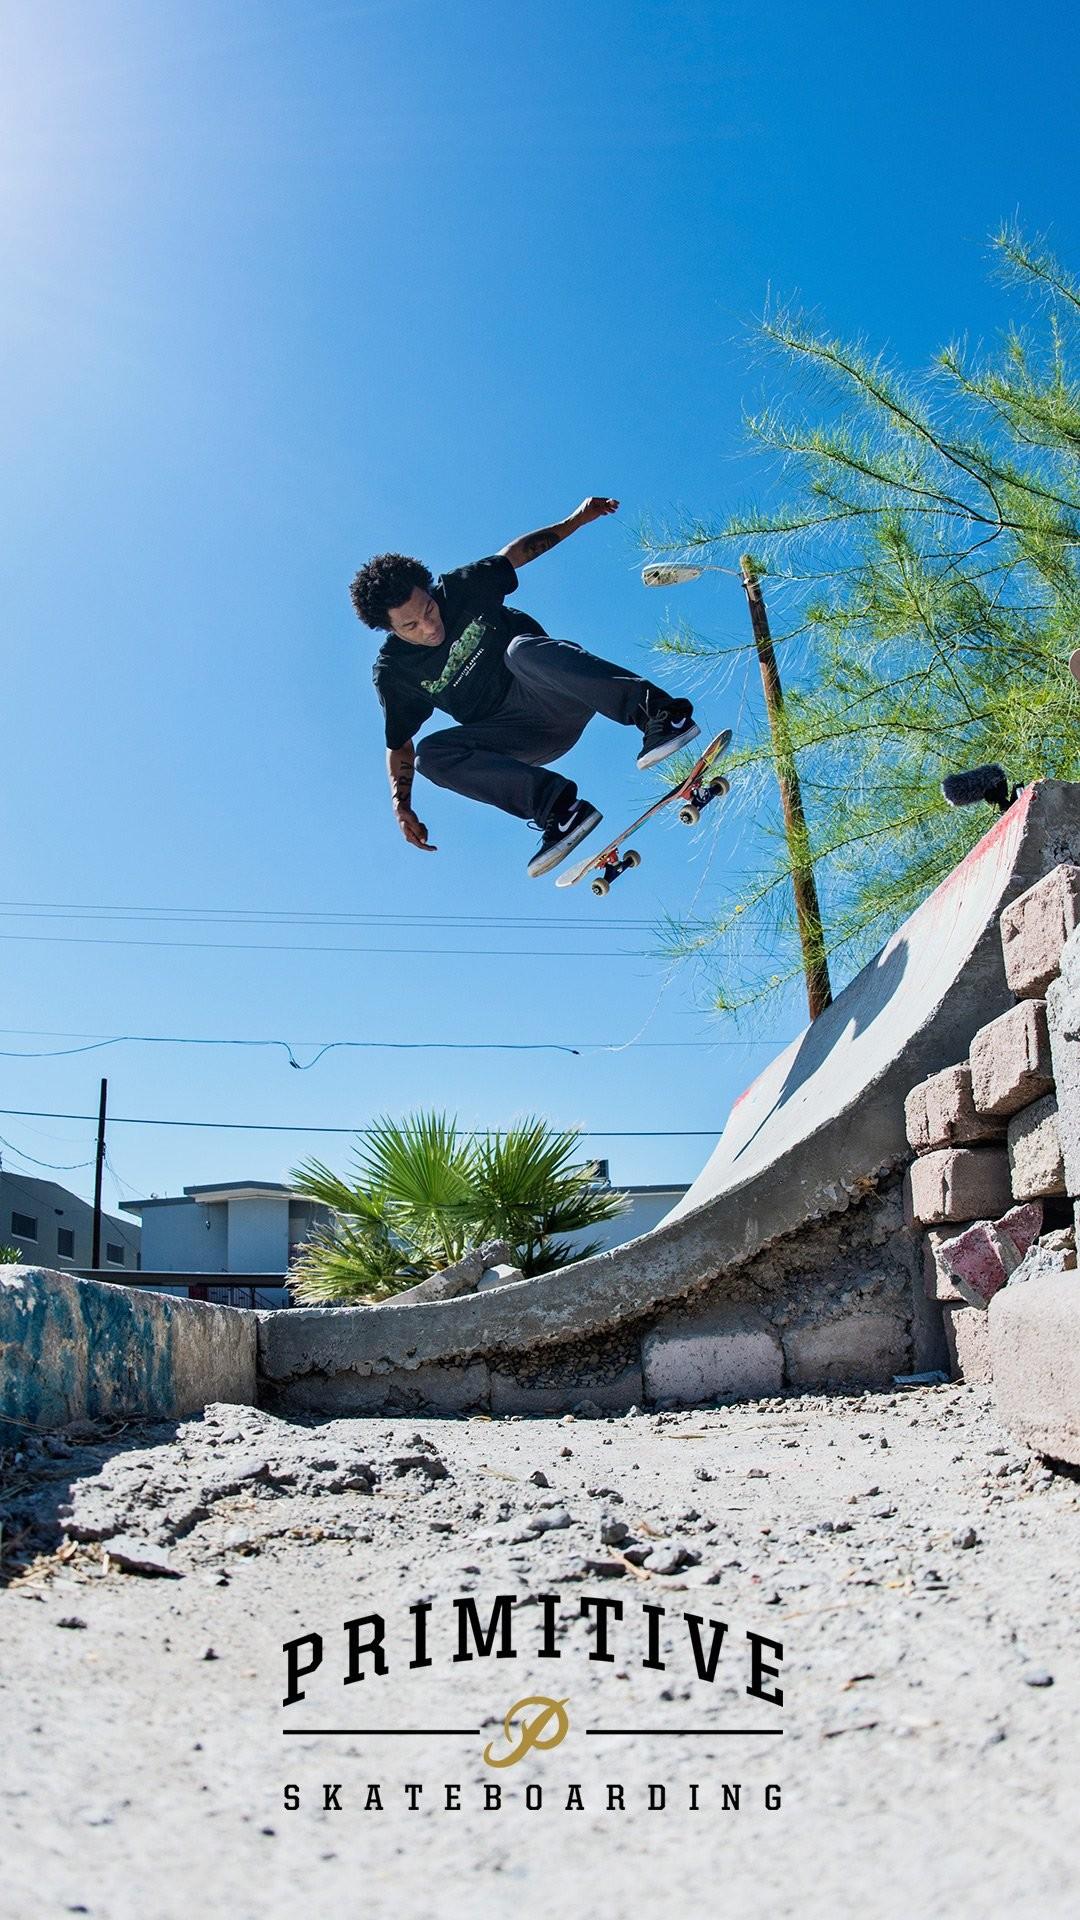 Skateboarding Wallpaper (78+ images)